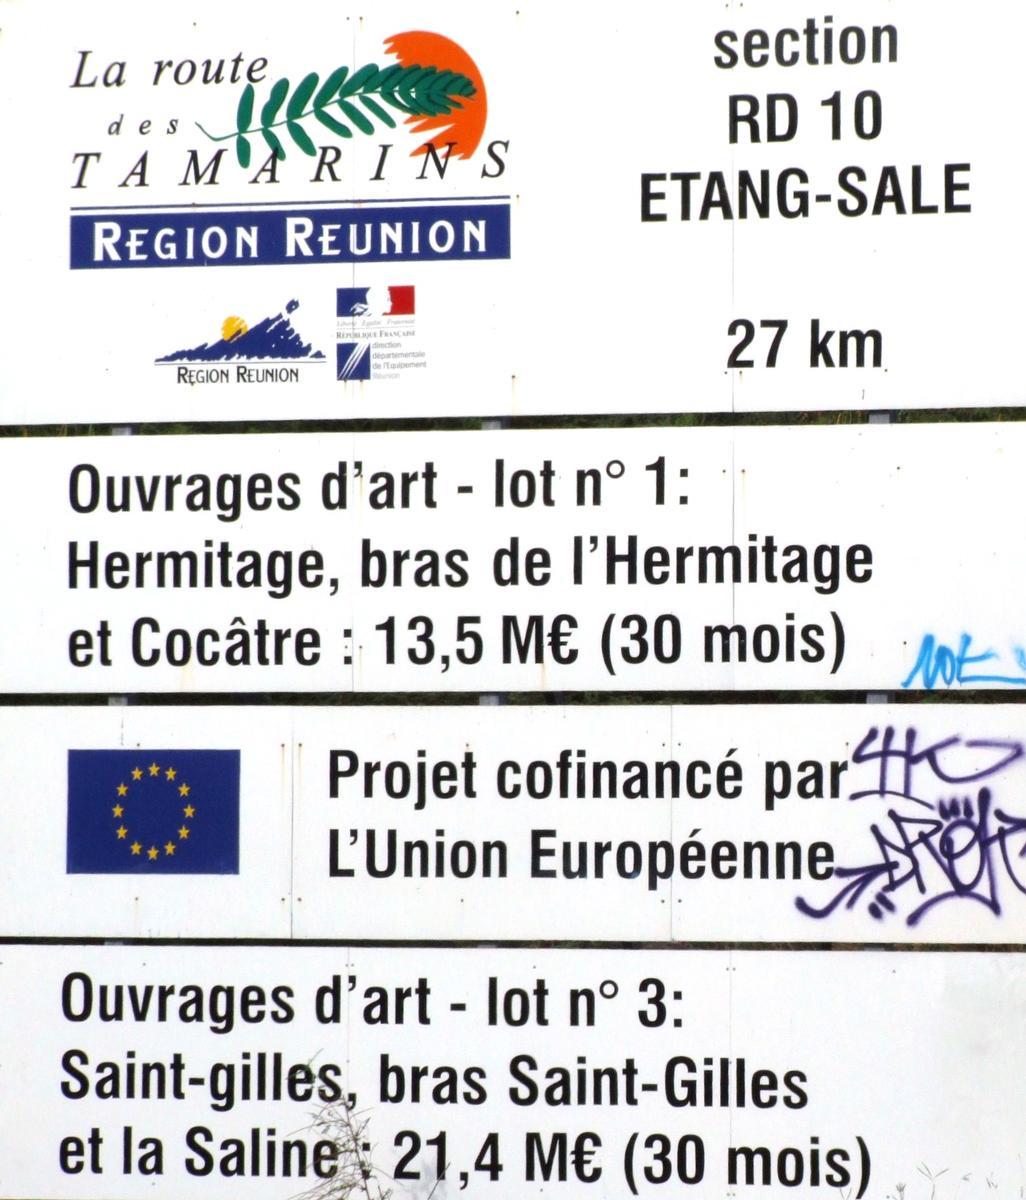 Route des Tamarins - Viaducs de la ravine Hermitage, Bras-de-l'Hermitage, Saint-Gilles, Bras-Saint-Gilles et Saline